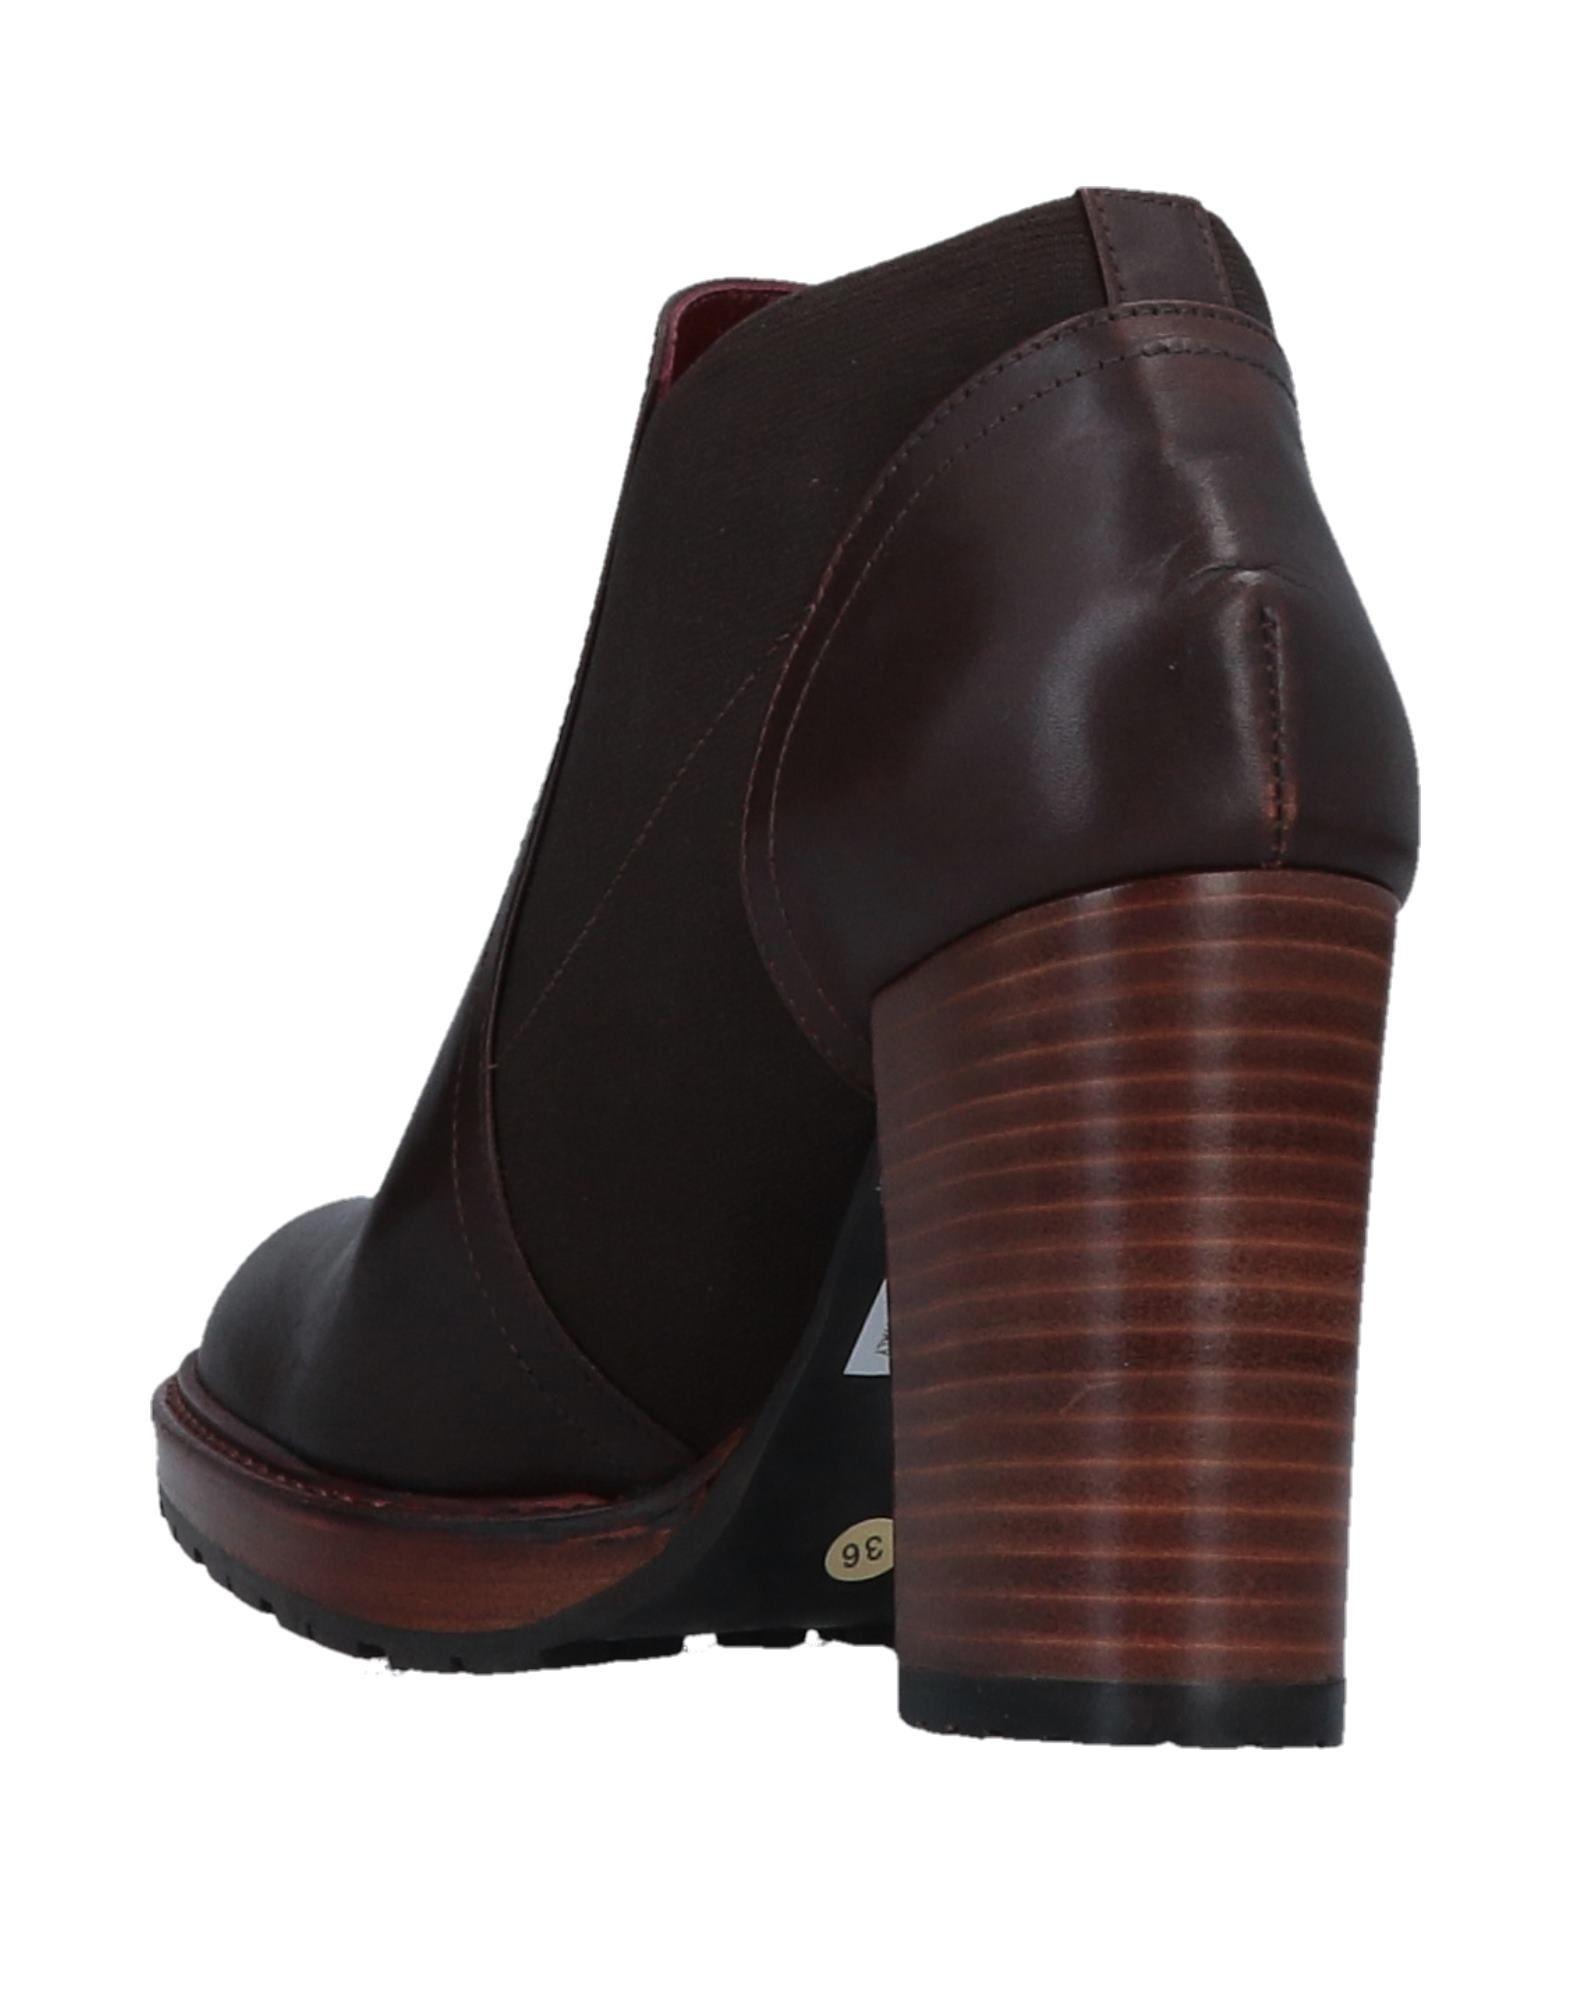 Roberto Festa Chelsea Stiefel sich Damen Gutes Preis-Leistungs-Verhältnis, es lohnt sich Stiefel 4237 be3dc2